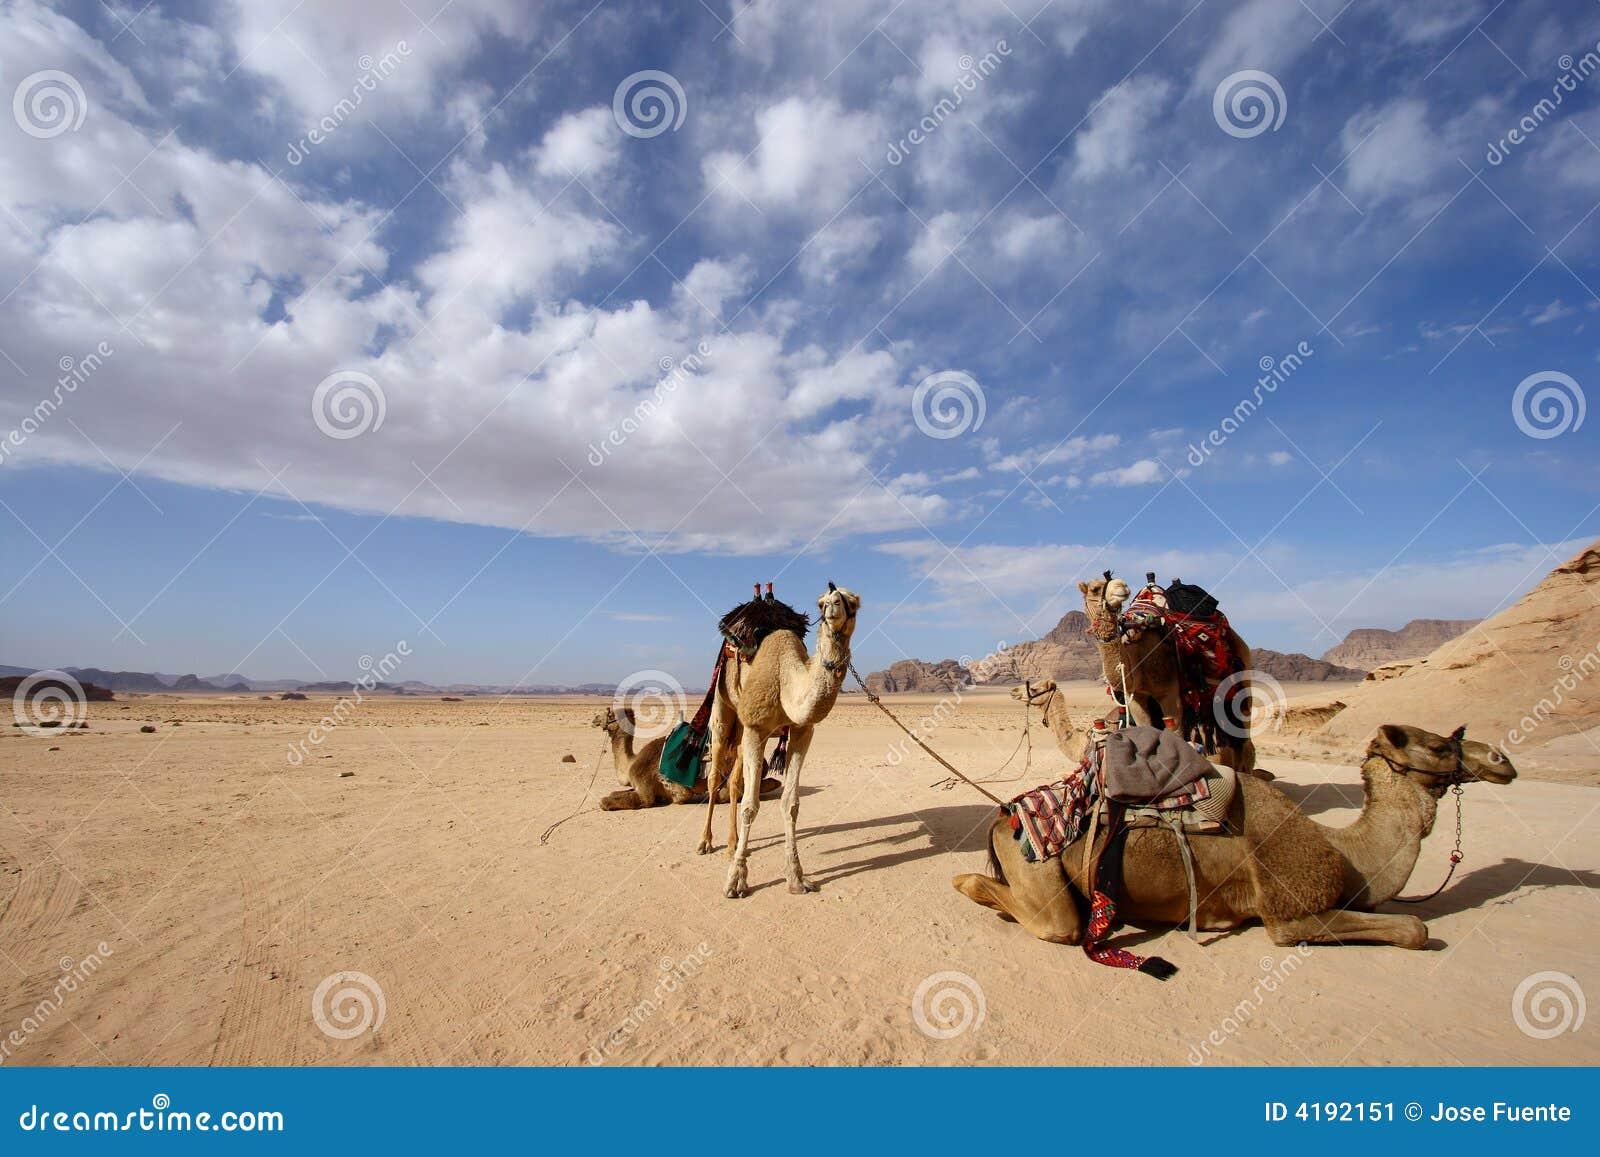 Camels in desert in Jordan